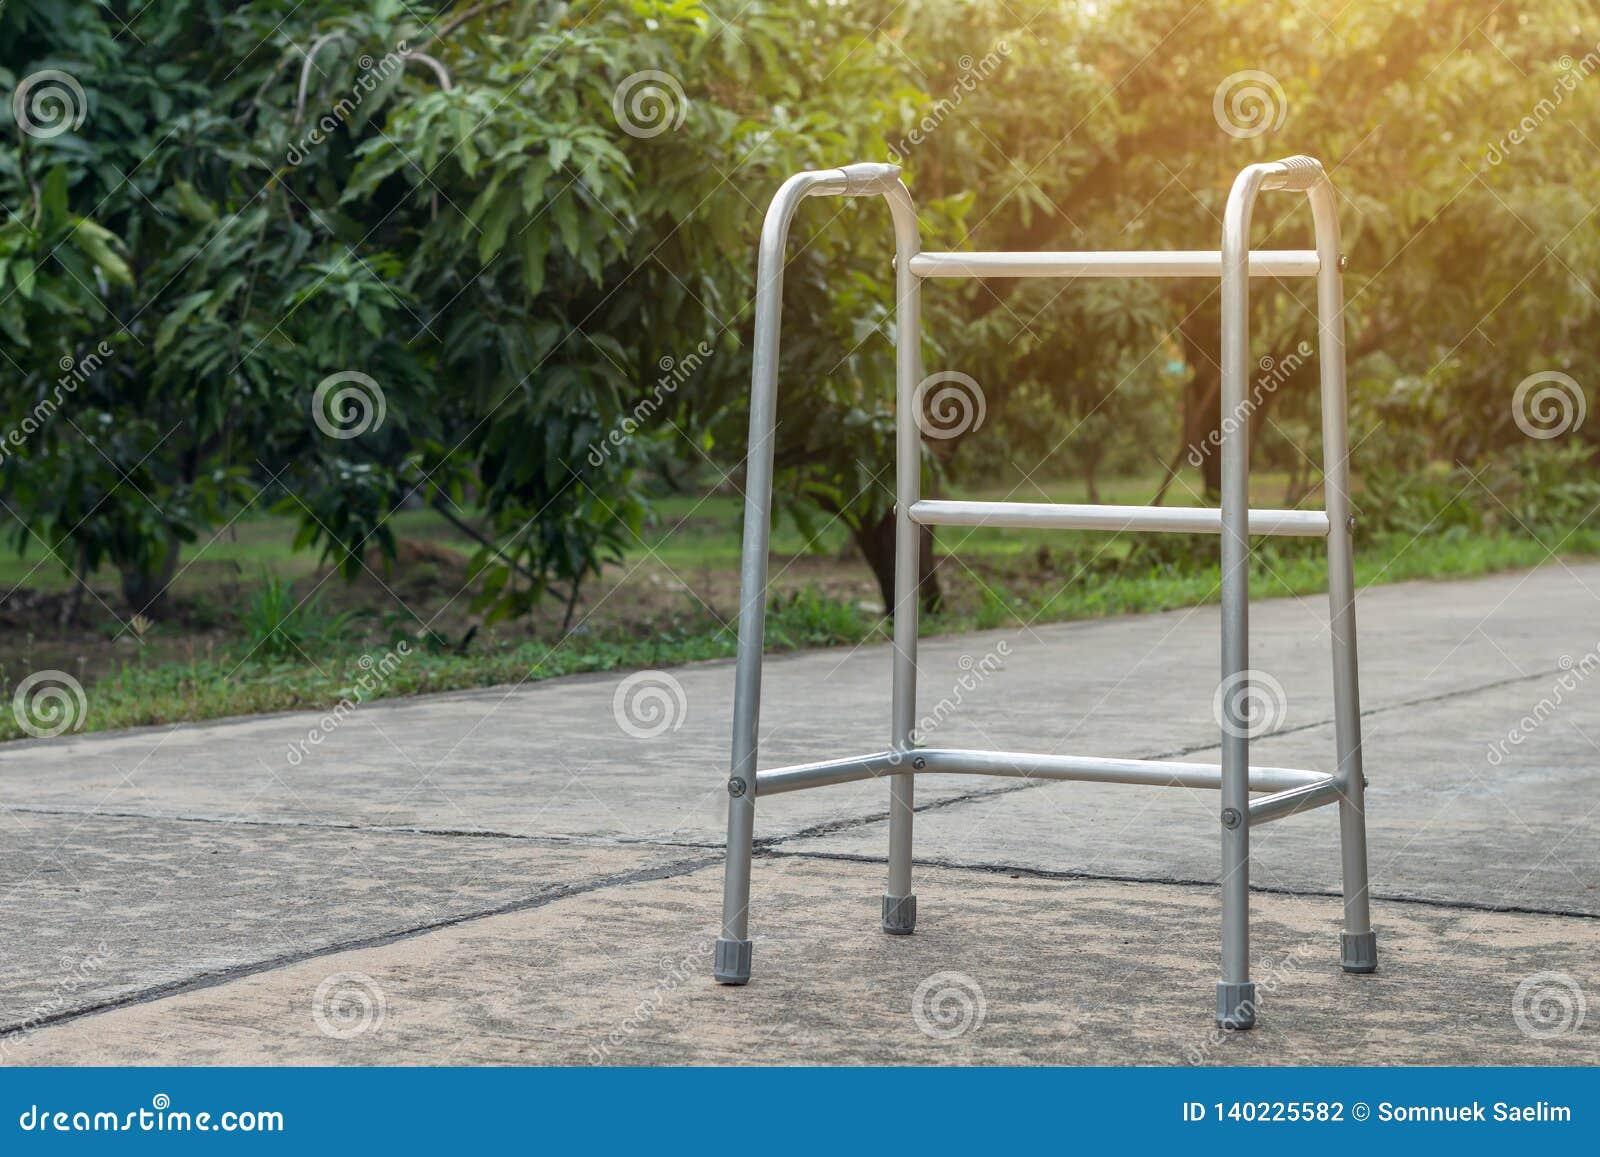 Κενοί ραβδί περπατήματος ή κάλαμος προσωπικού για τον ασθενή ή τον πρεσβύτερο ή ηλικιωμένοι άνθρωποι στο μπροστινό σπίτι, υγιής ι